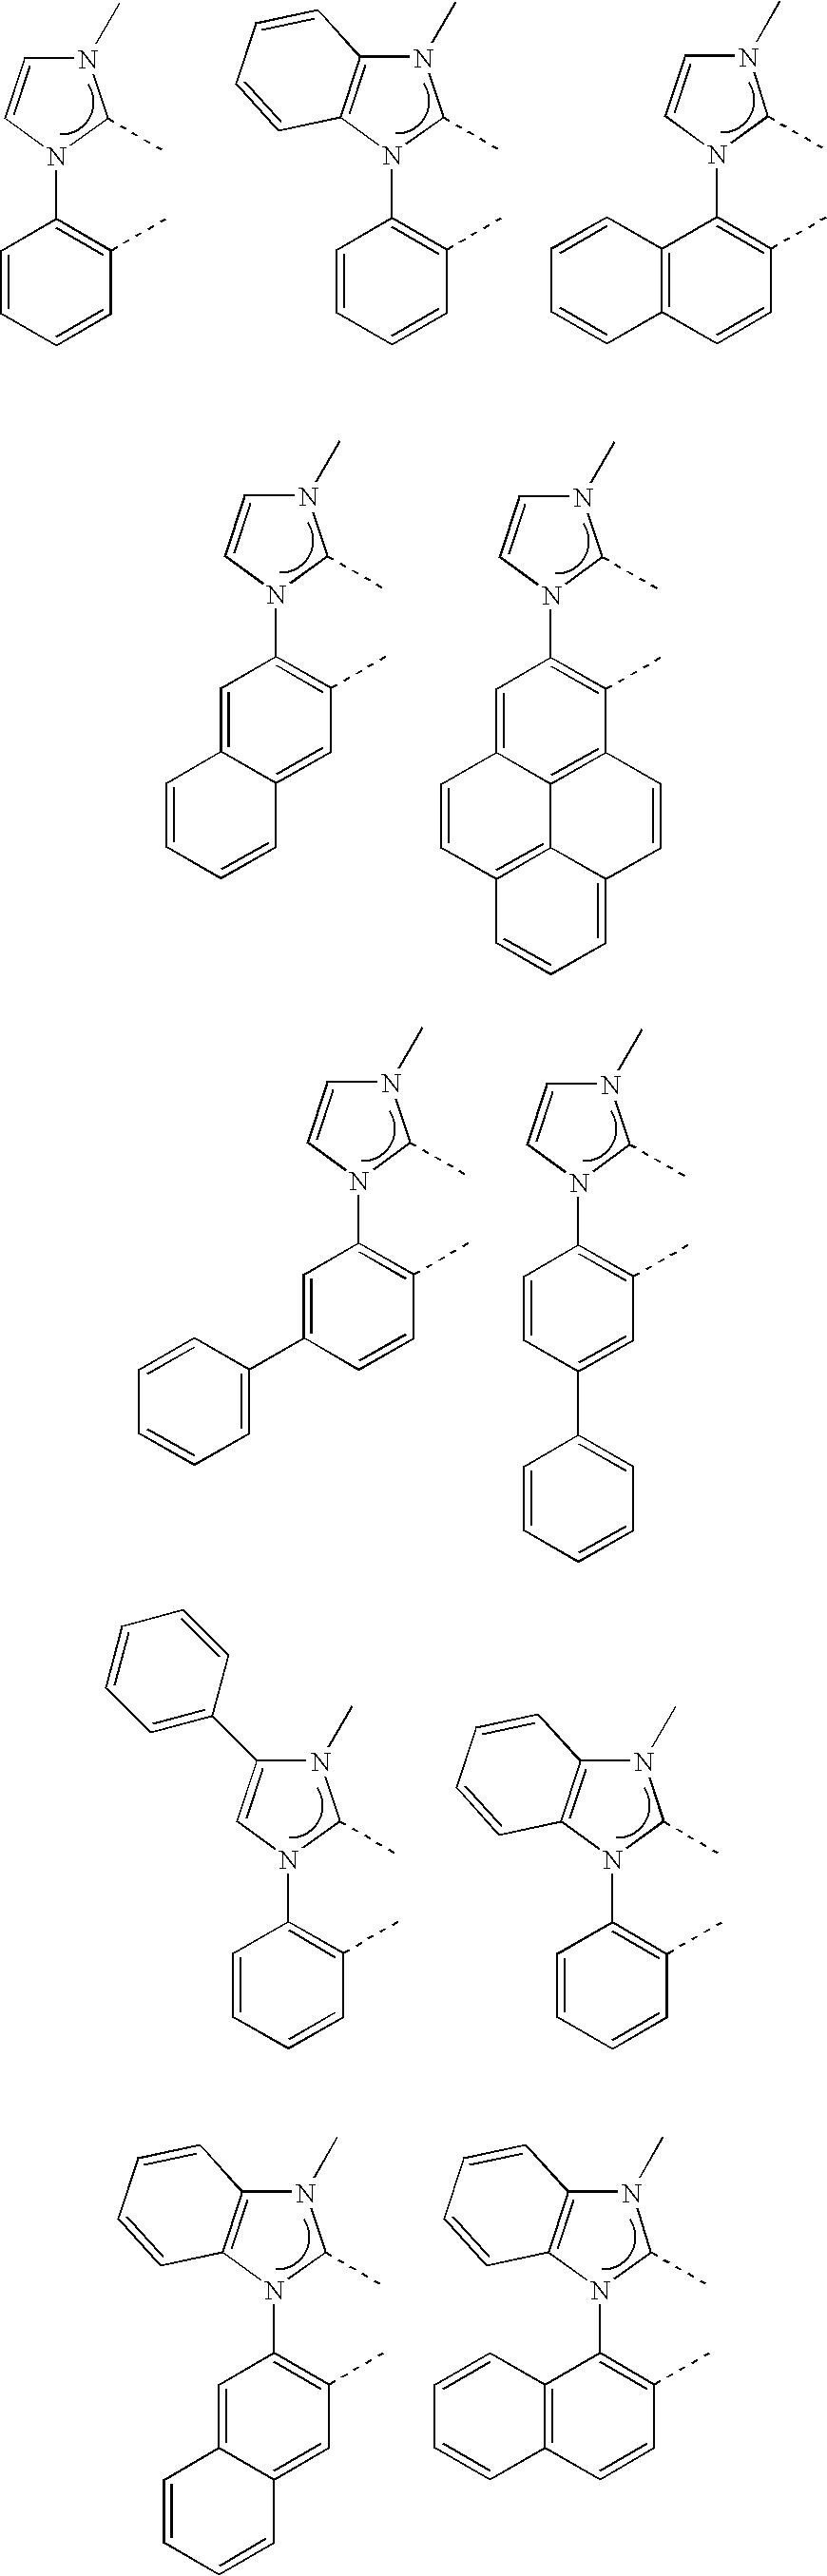 Figure US20050260441A1-20051124-C00032